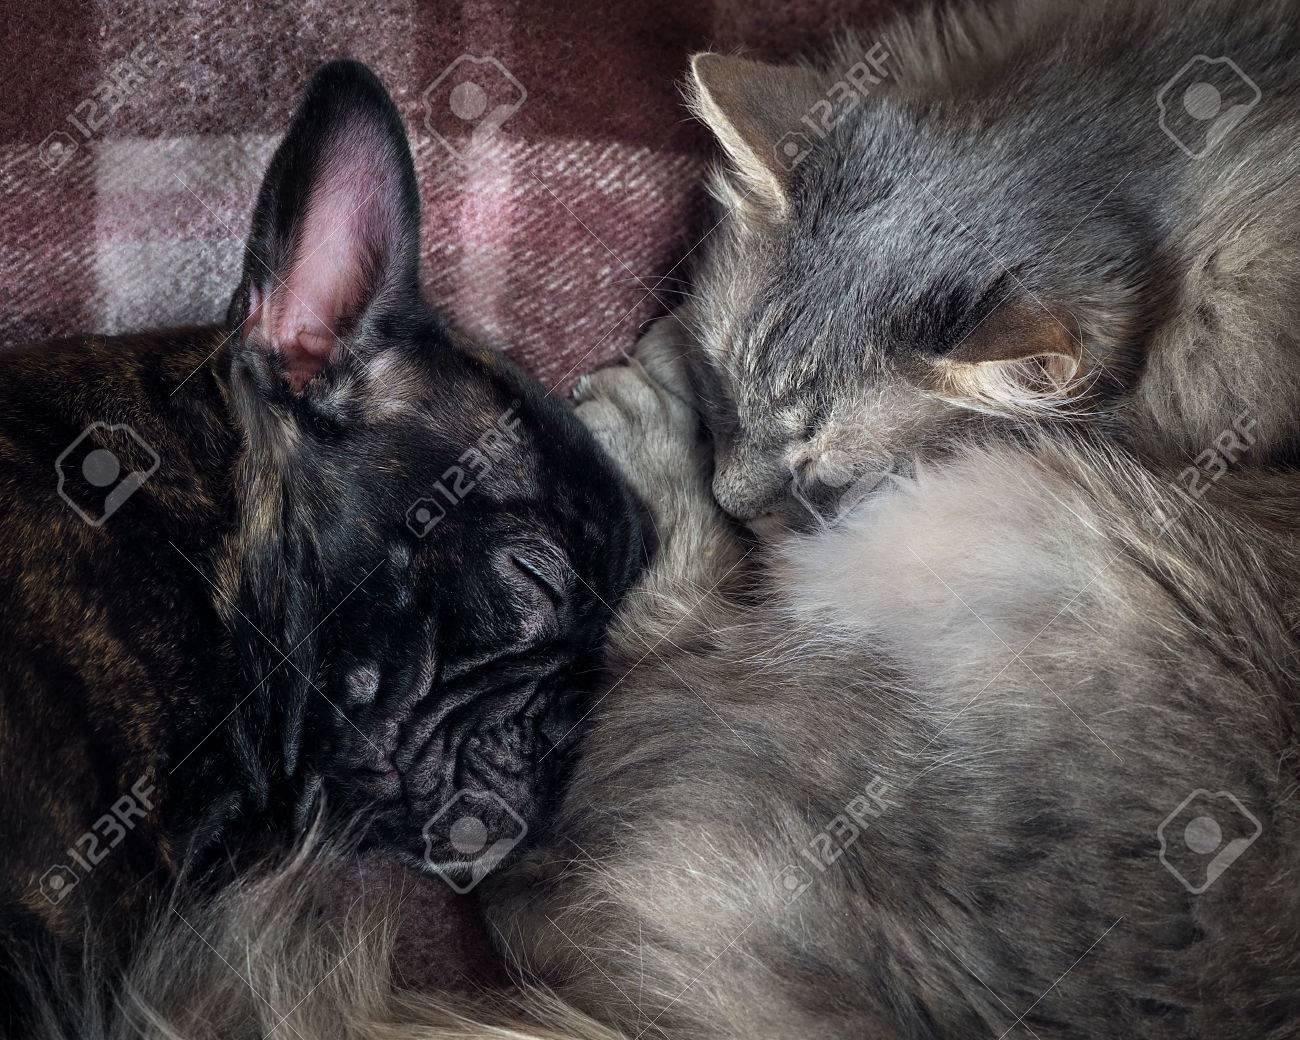 Perro Y Gato Durmiendo Juntos Hocicos Grandes Animales Perro Y